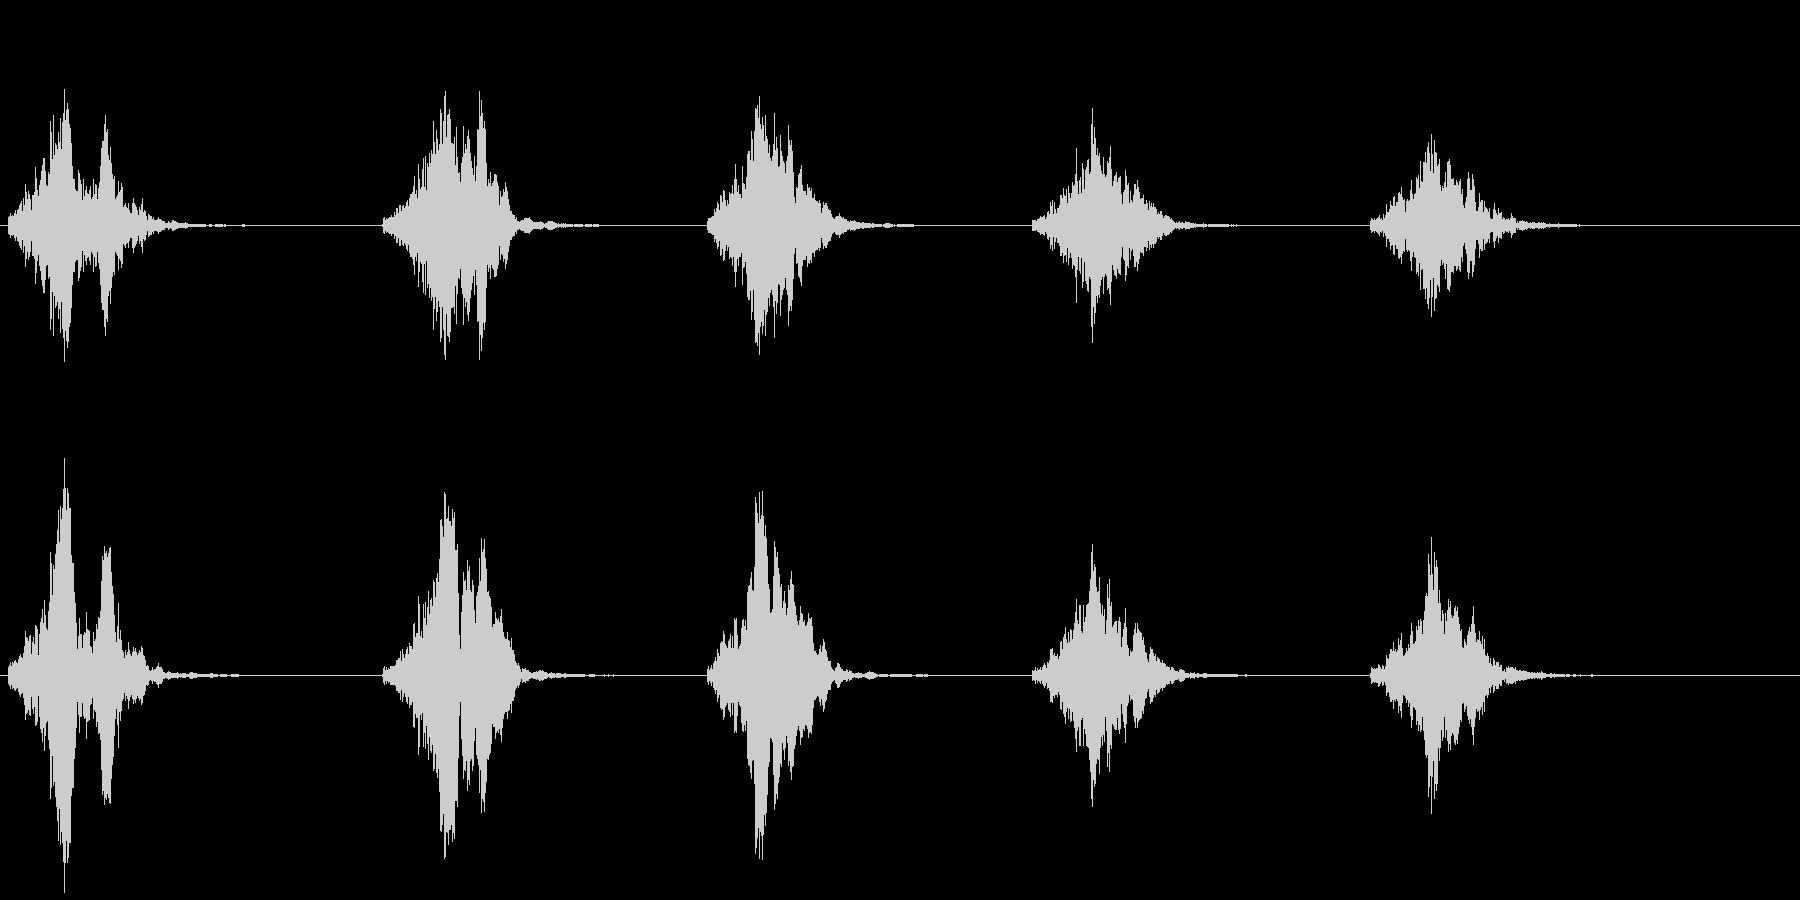 ライオンの鳴き声(グルグル唸る)の未再生の波形